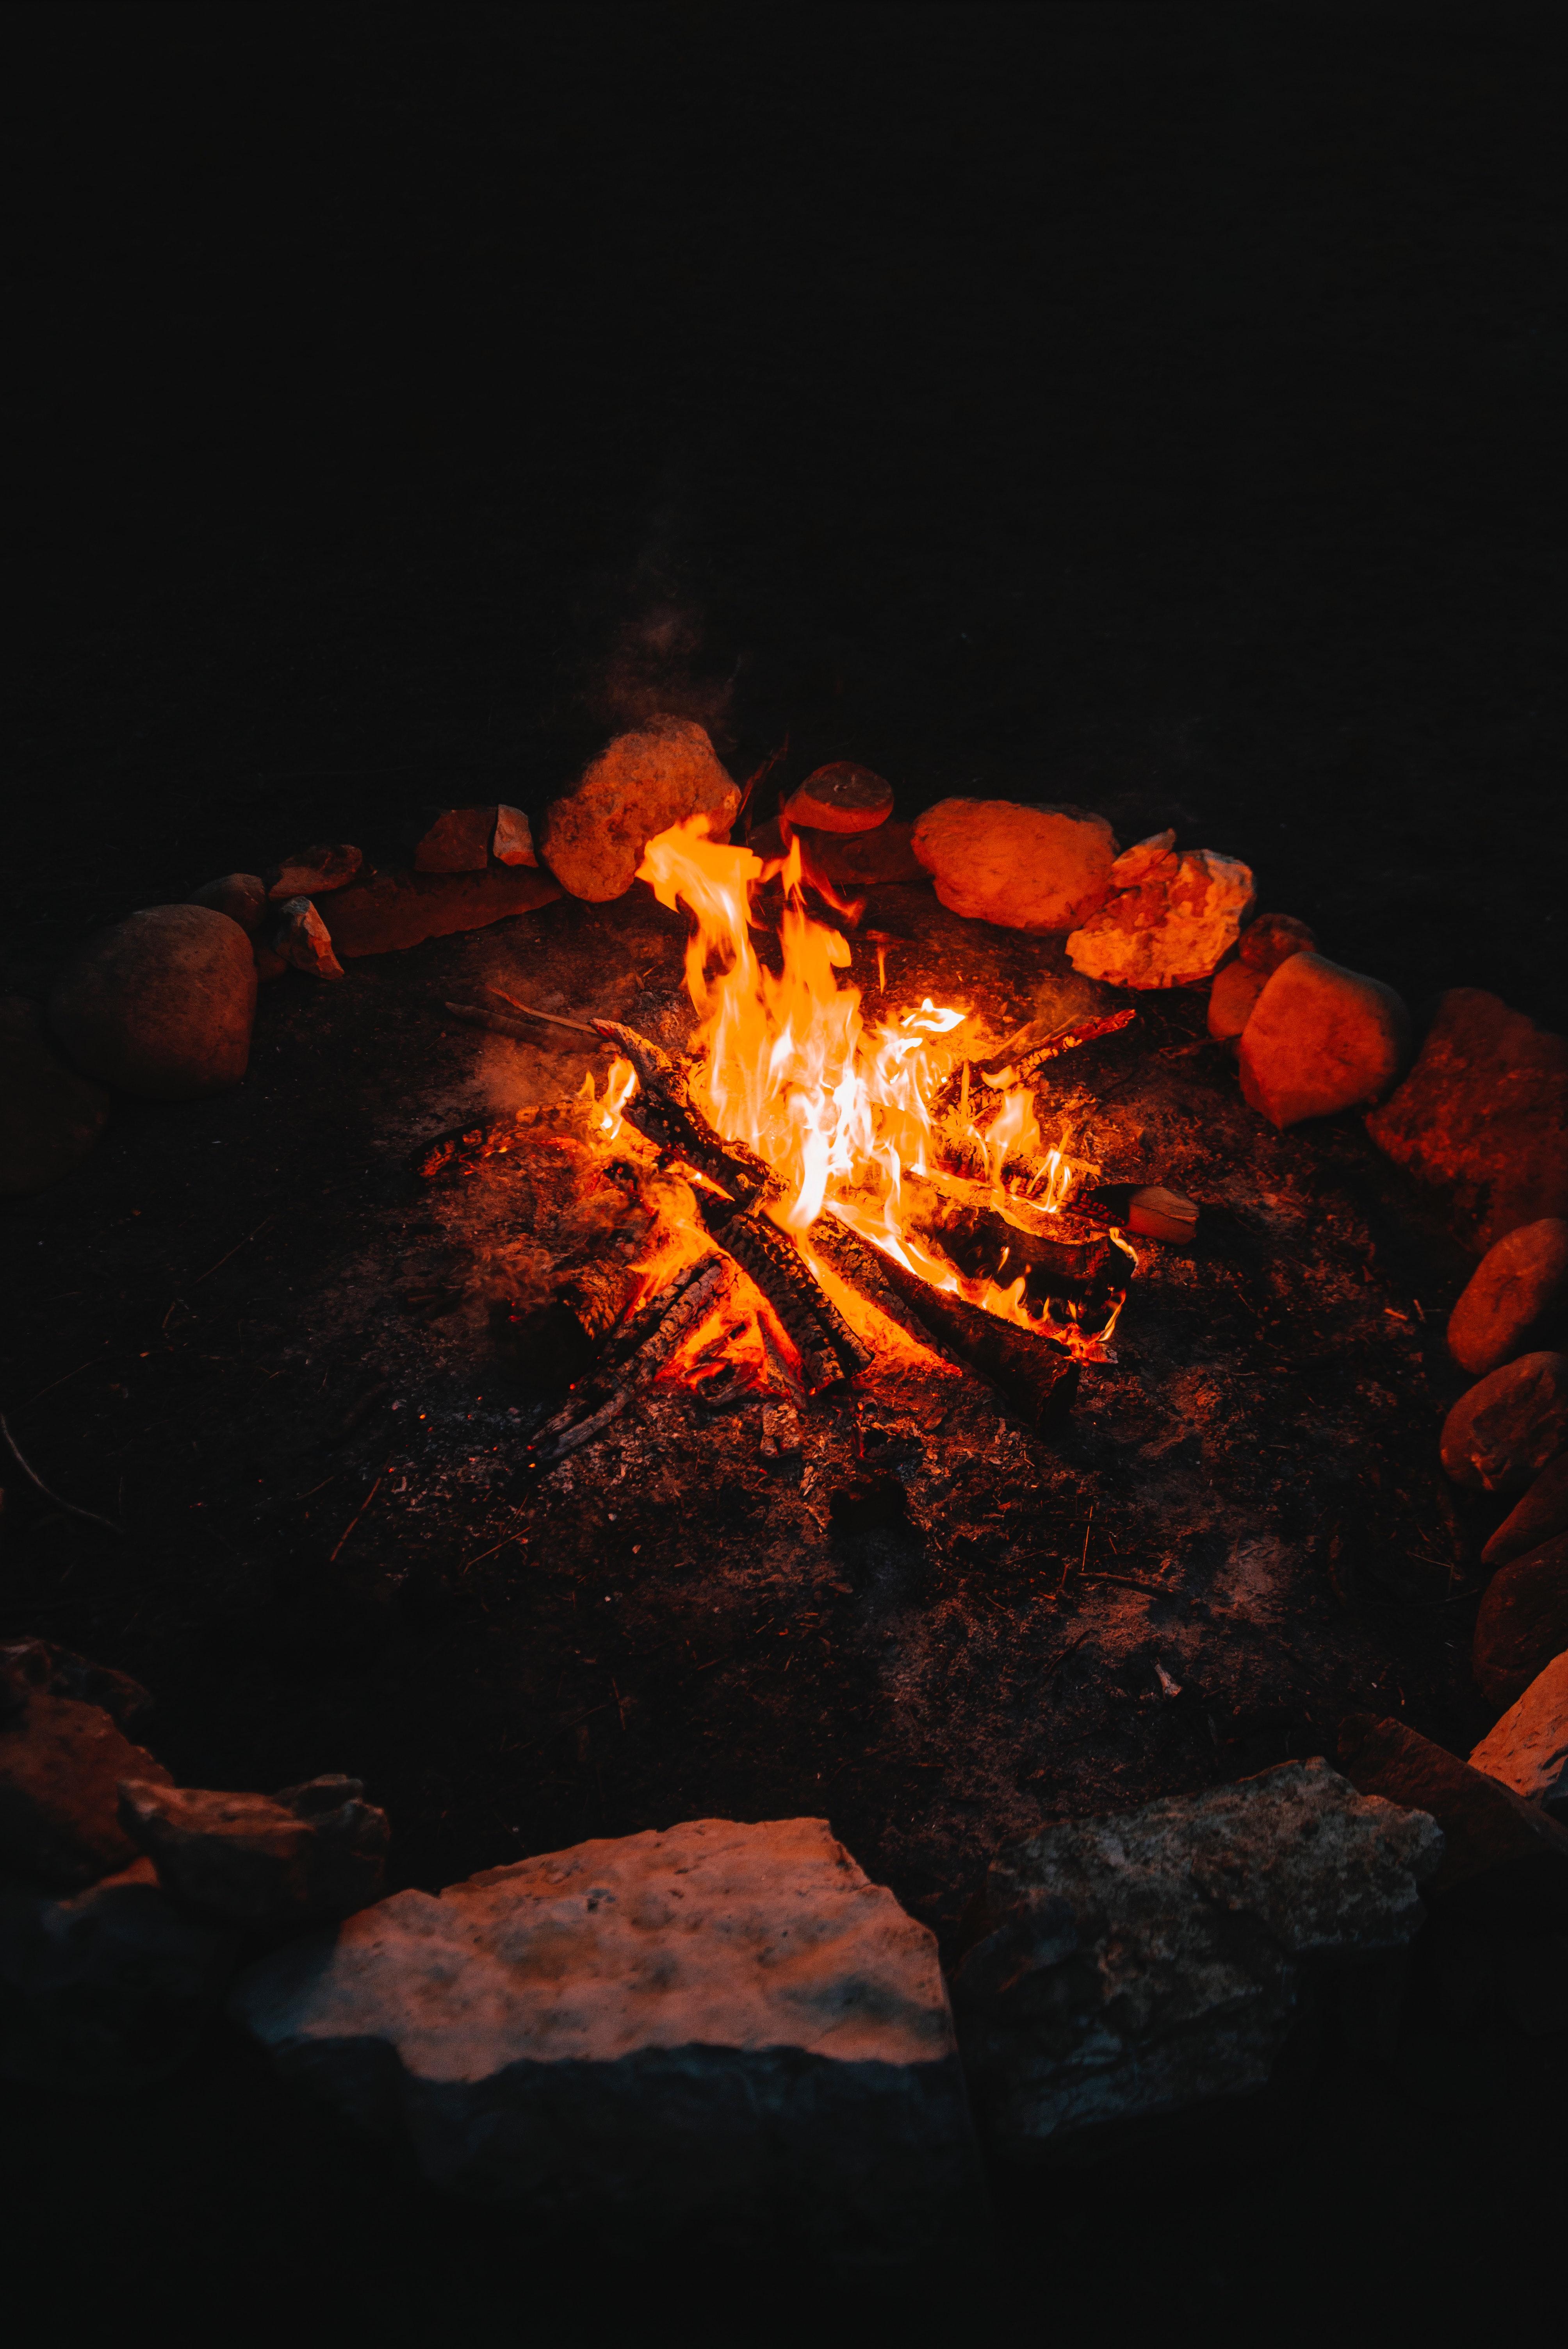 Ảnh lửa đẹp